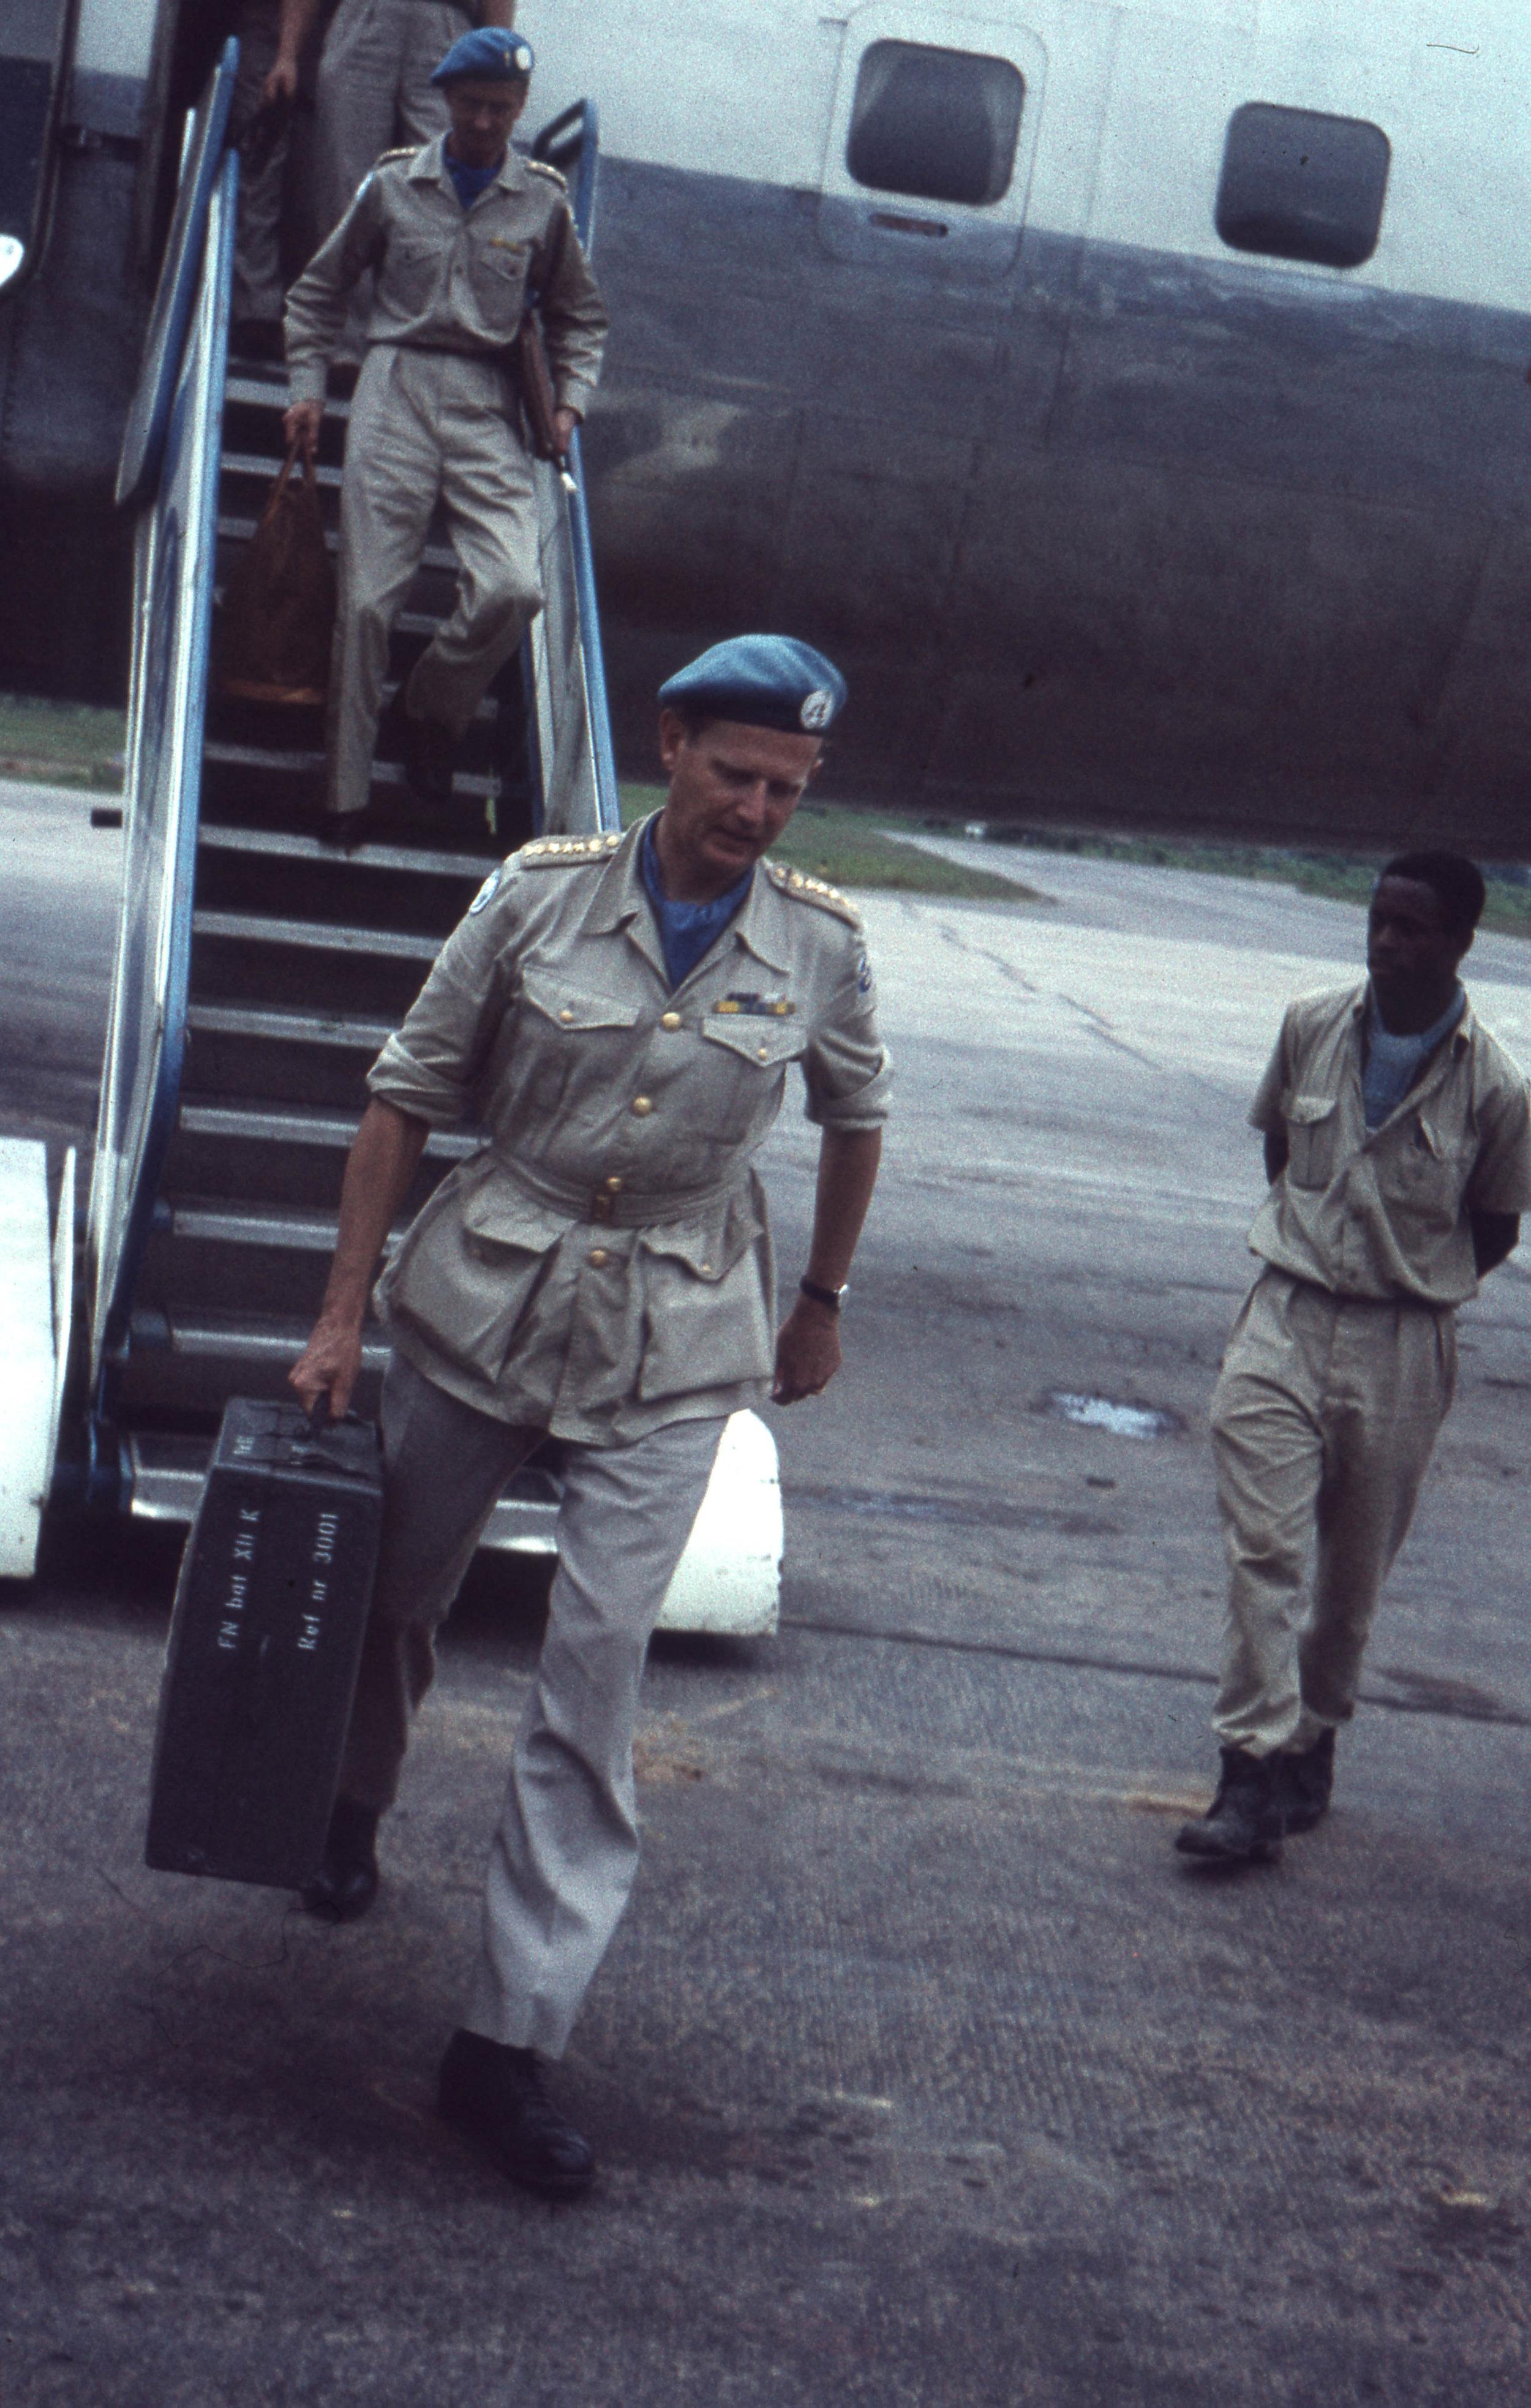 """Överste Jonas Waern stiger av flygplanet för att påbörja tjänstgöringen som chef för bataljon XIV (1961-1962) i Kongo. På väskan i hans högra hand kan man läsa """"FN bat XII K"""" - detta var Waerns andra vända till Kongo, och mycket skulle komma att hända under bataljon XIV. Vi kan bara gissa vilka tankar som far igenom hans huvud när han går över asfalten på flygplatsen. Foto ur Ernst Dahls arkiv. Ernst tjänstgjorde i Gaza (4G) samt i Kongo (XIV K)."""